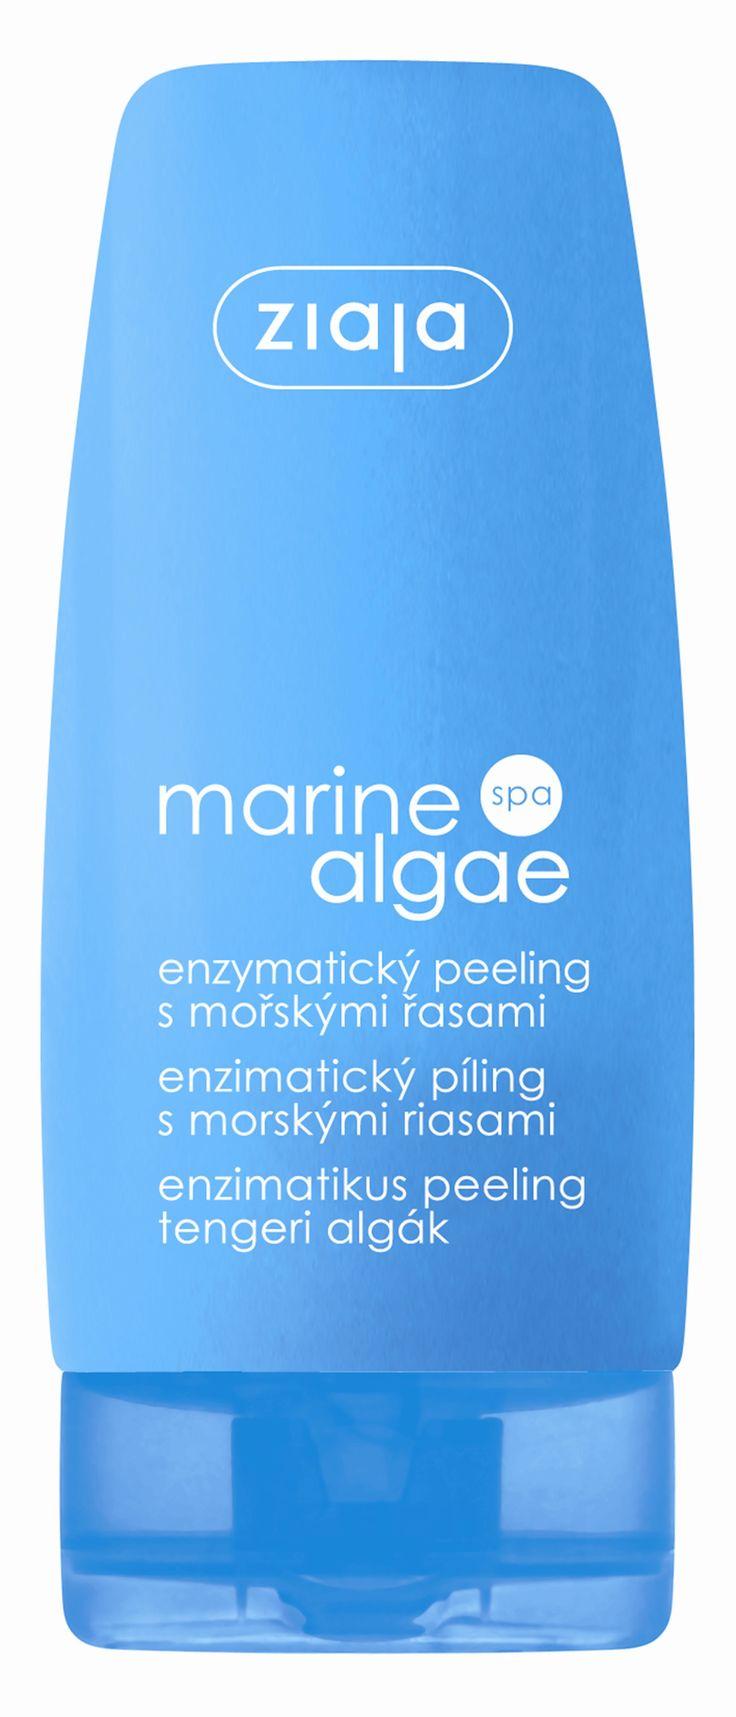 Ziaja tengeri algás simító enzimes bőrradír .  http://www.ziajashop.hu/webaruhaz/ziaja-tengeri-alg%C3%A1s-sim%C3%ADt%C3%B3-enzimes-b%C5%91rrad%C3%ADr-60ml/